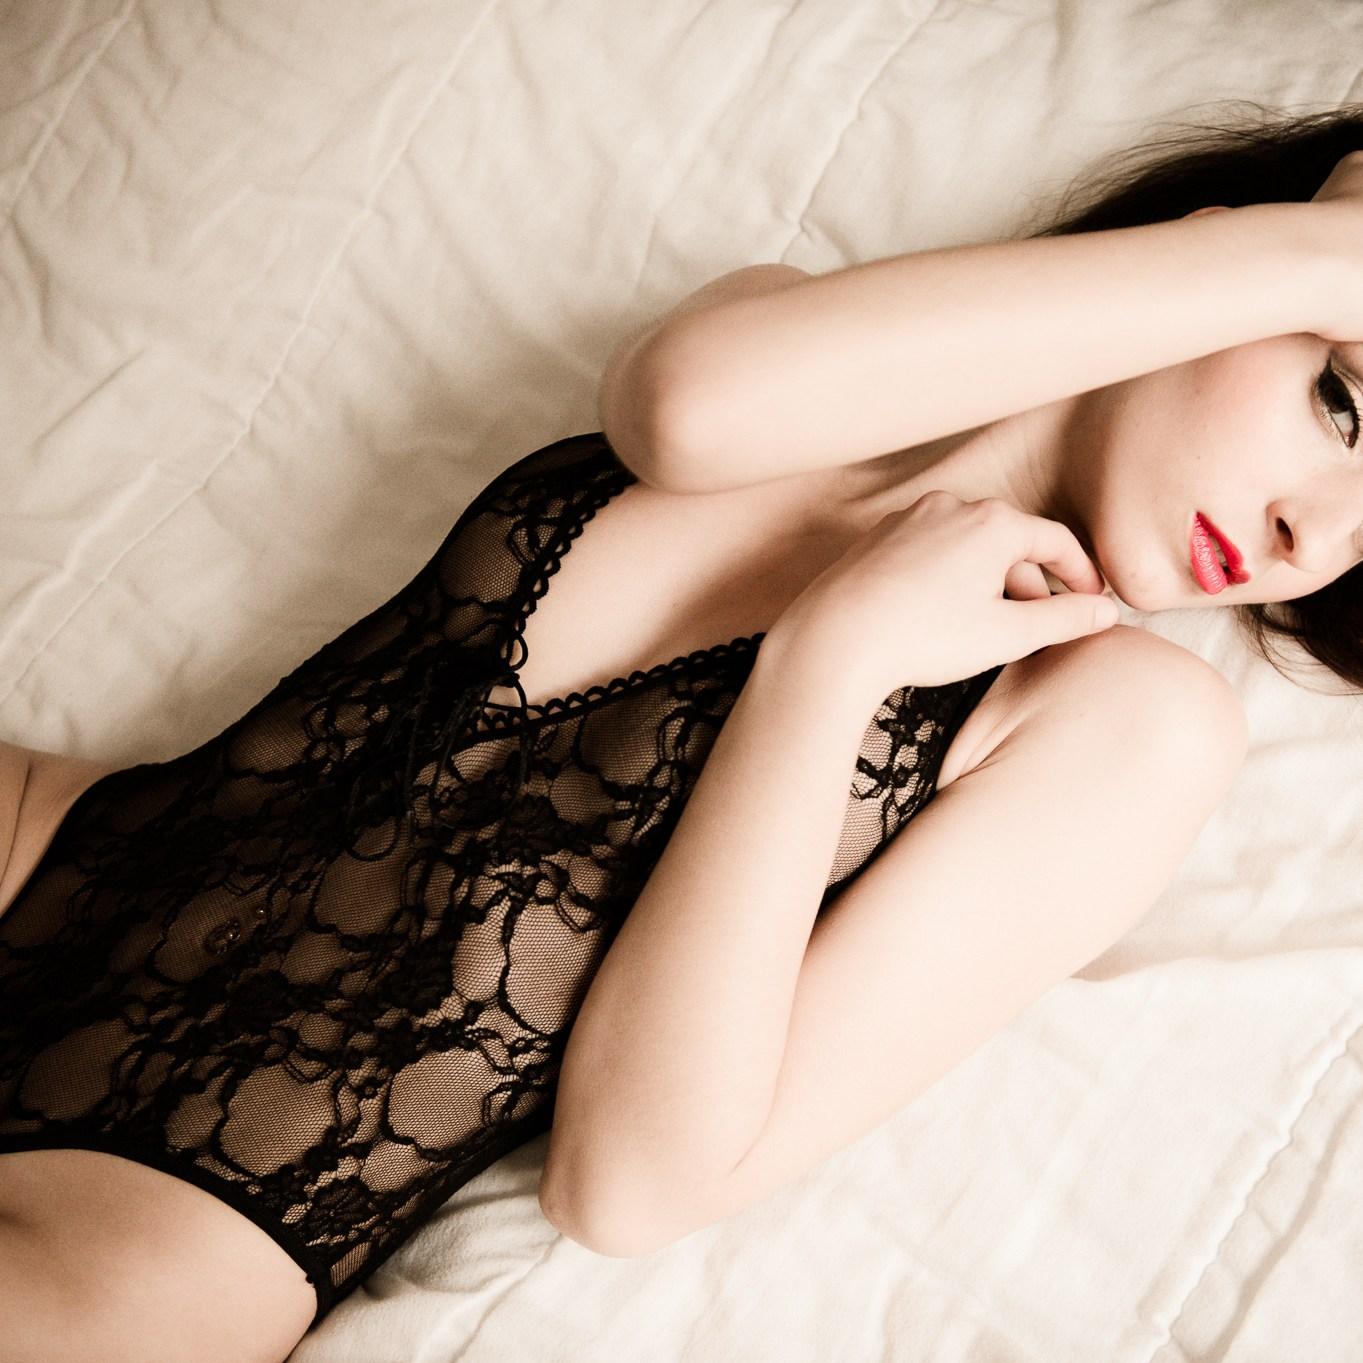 Séance photo boudoir avec Marie allongée sur le lit et portant un body Noir